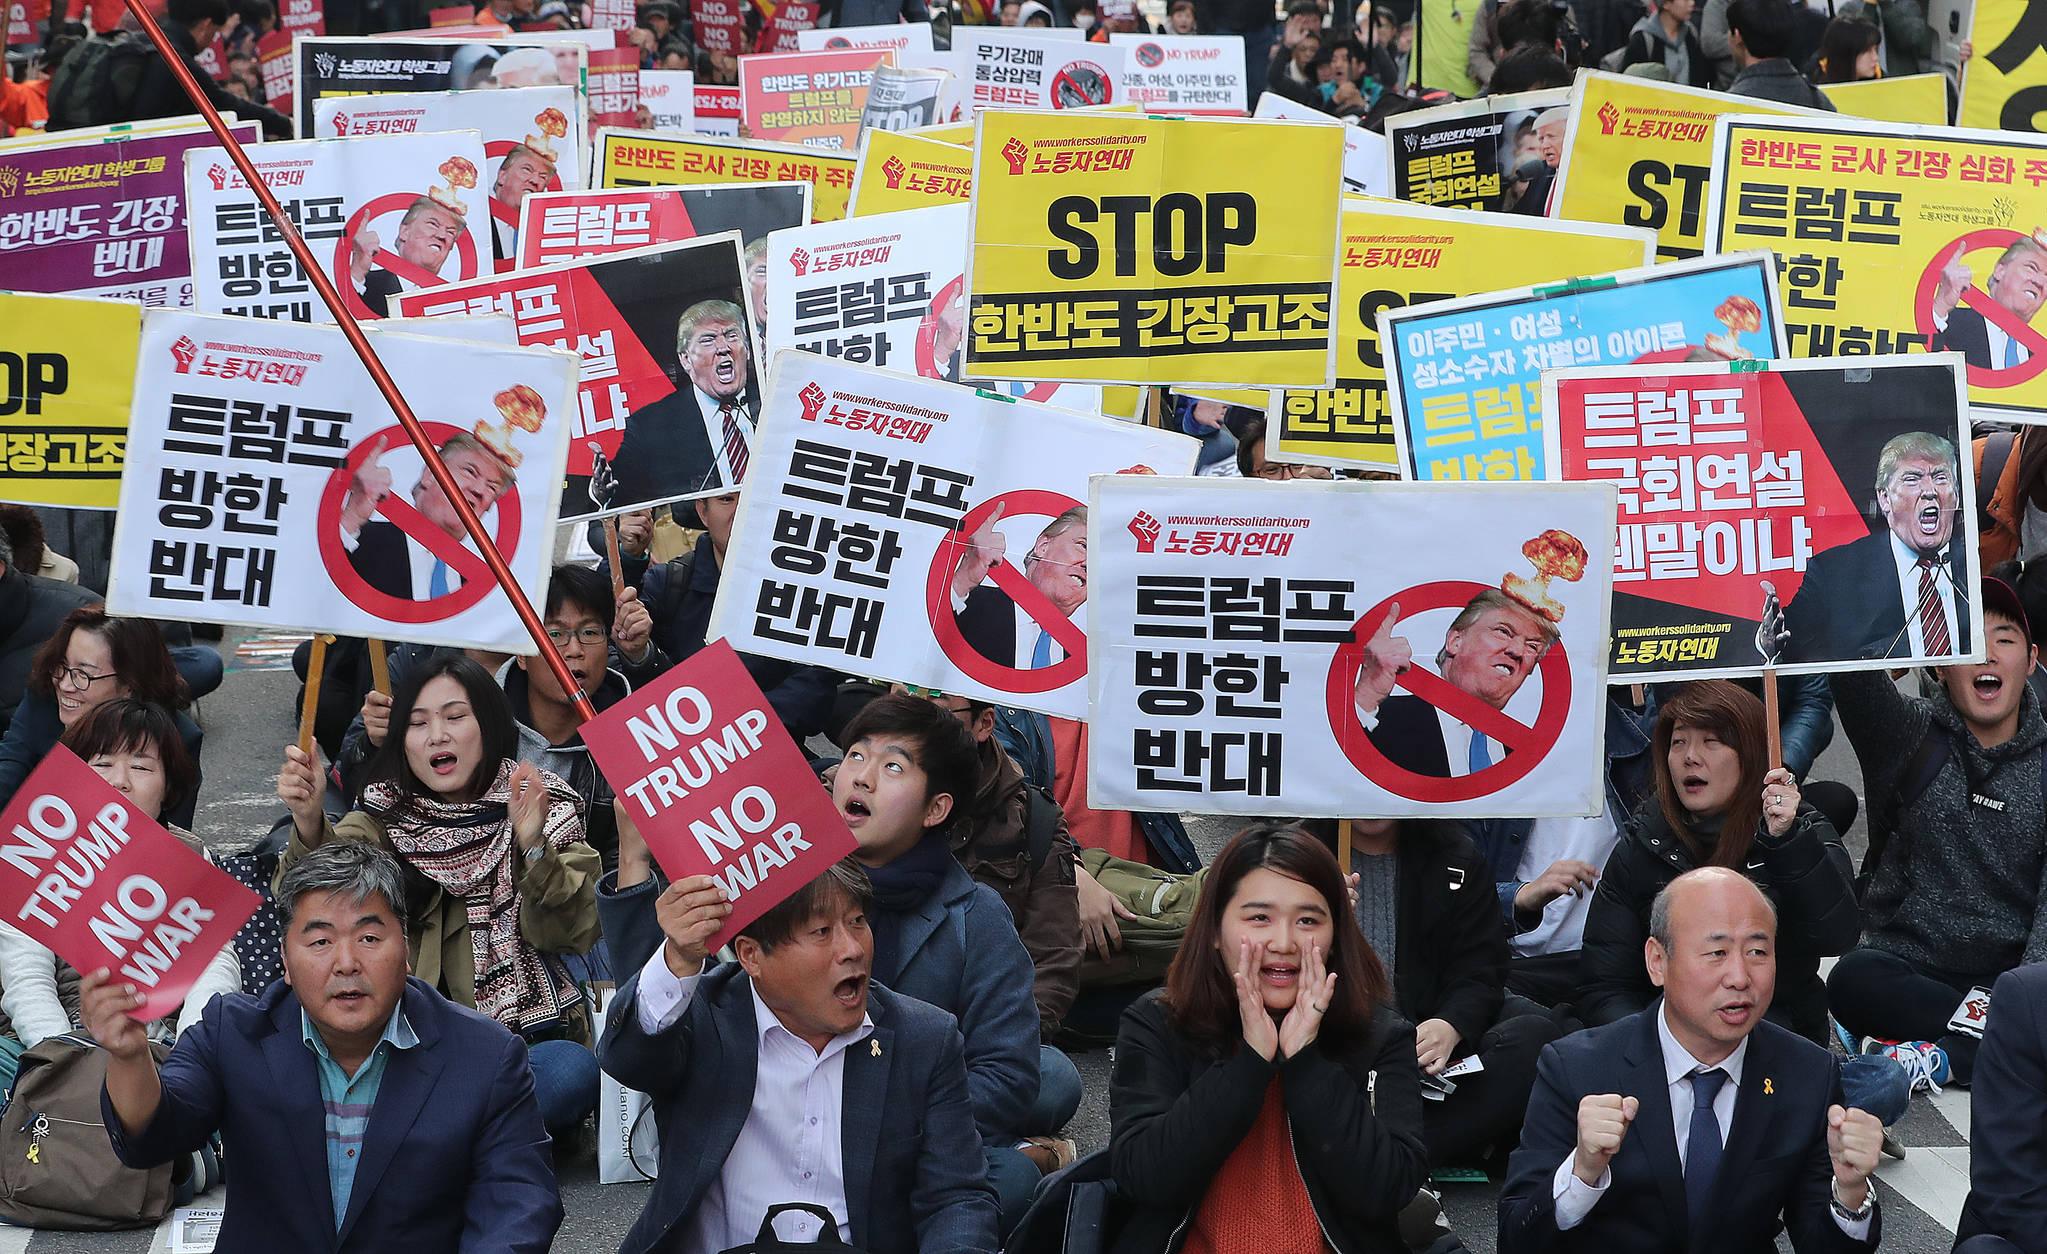 4일 도널드 트럼프 미국 대통령의 방한을 반대하는 집회 참가자들이 구호를 외치고 있다. [뉴스1]